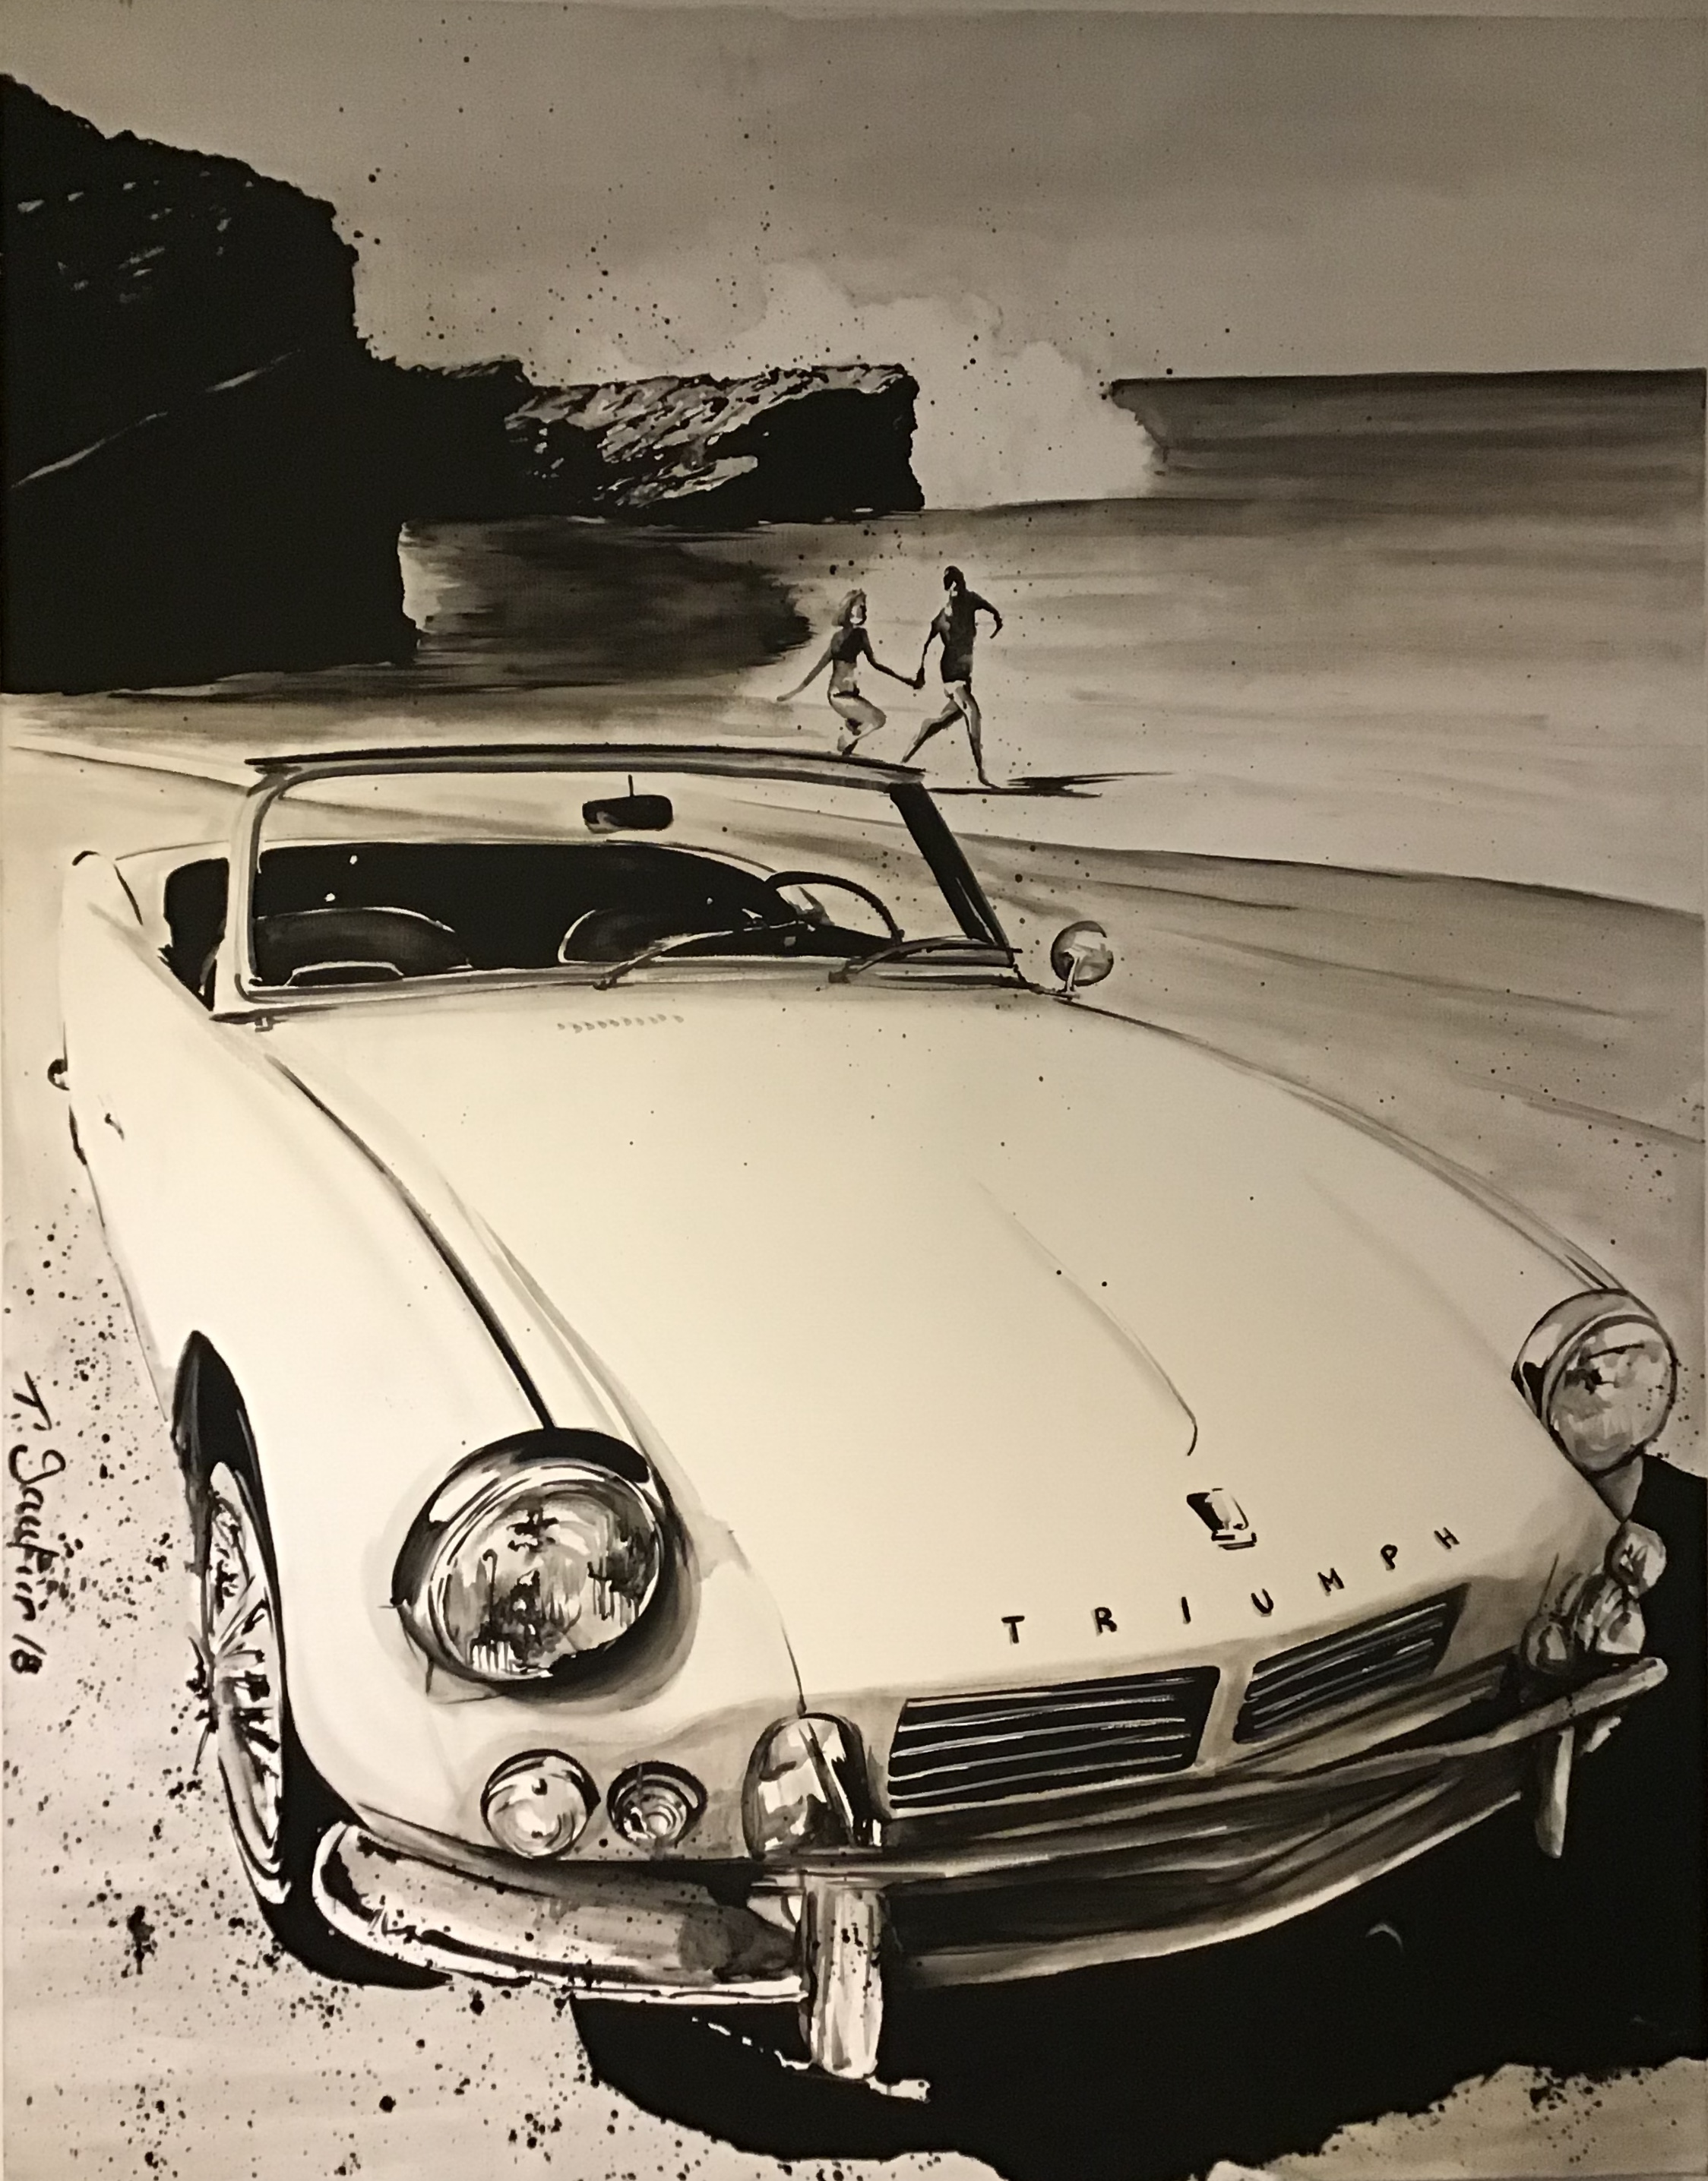 Triumph on the beach